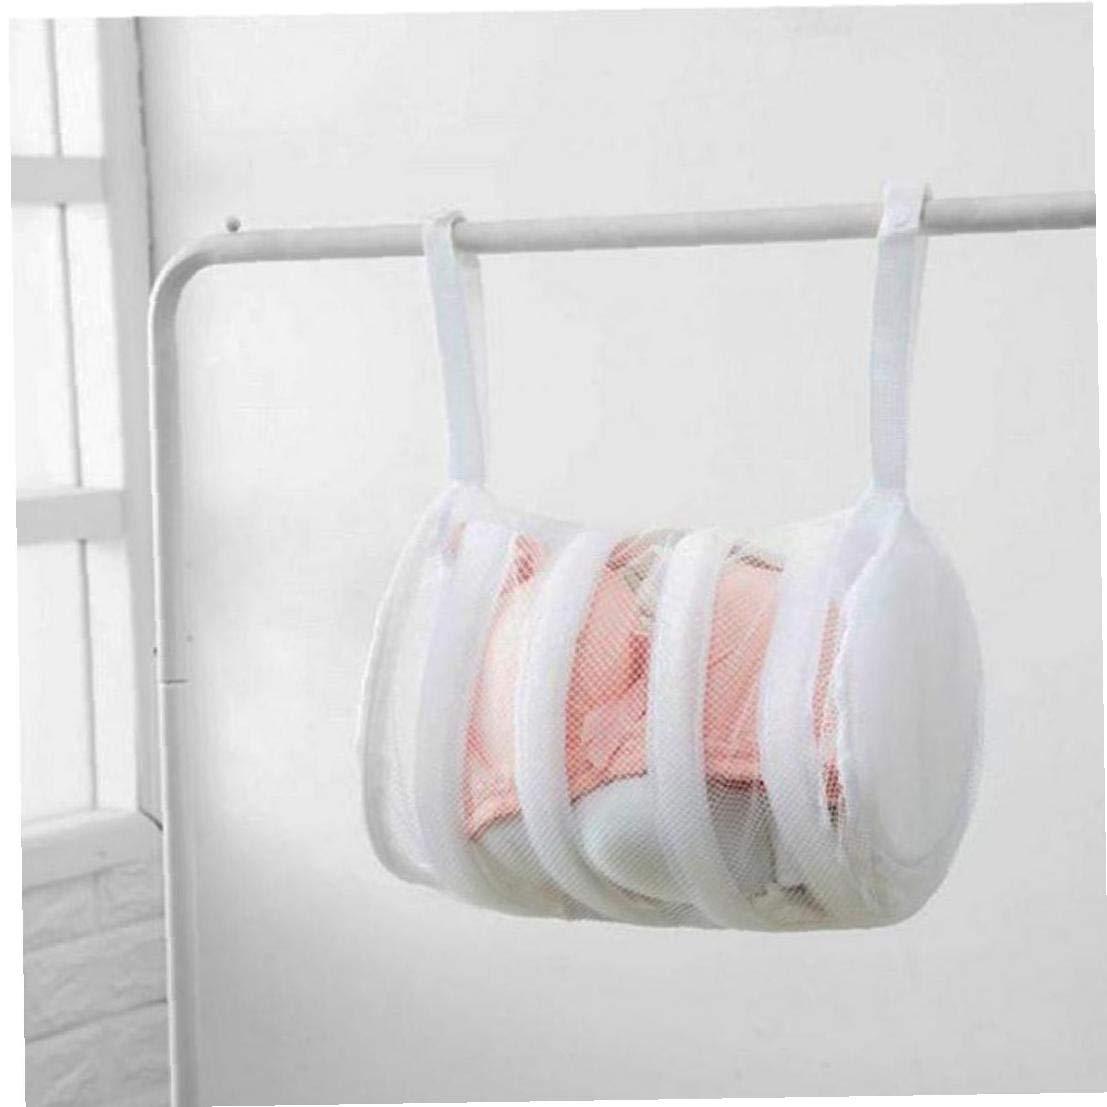 Angoter Malla de la Zapatilla de Deporte Lavado en seco y lavander/ía Zapatos del Bolso cuelga a secar la Ropa Interior de los Zapatos de Buenas Herramientas de Lavado